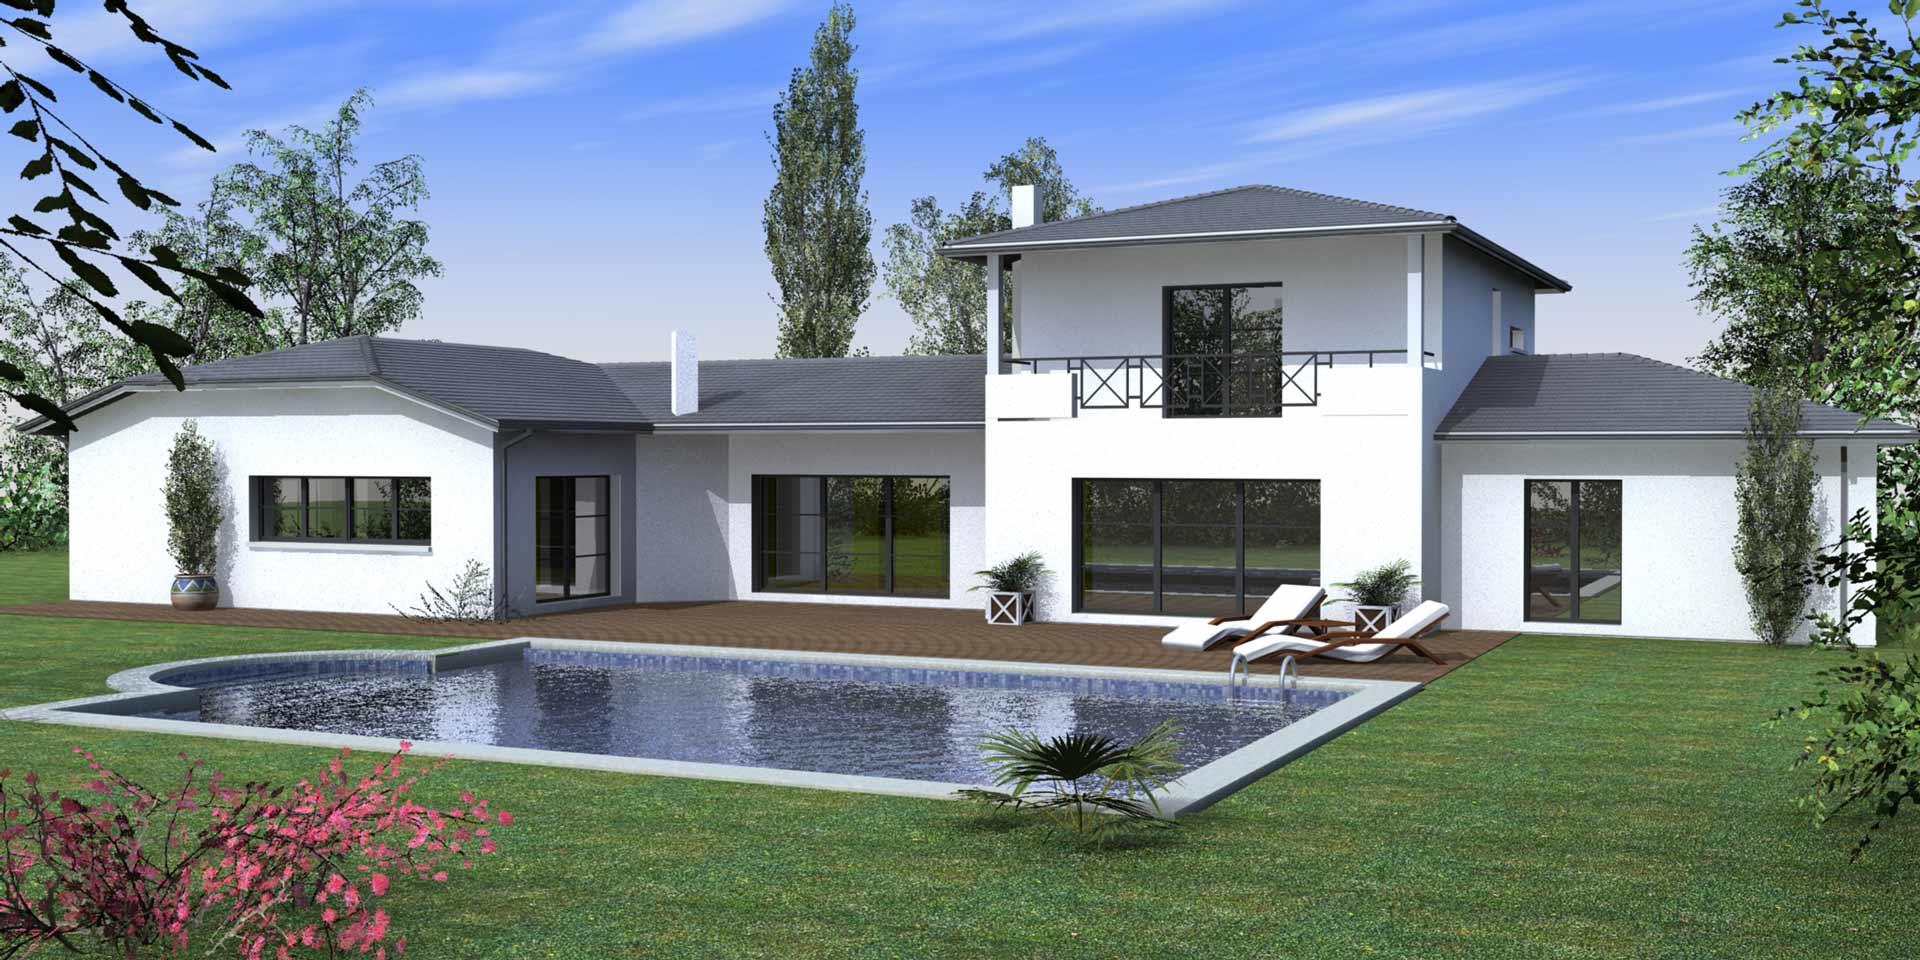 Constructeur maison individuelle bordeaux - Maison de l architecture bordeaux ...